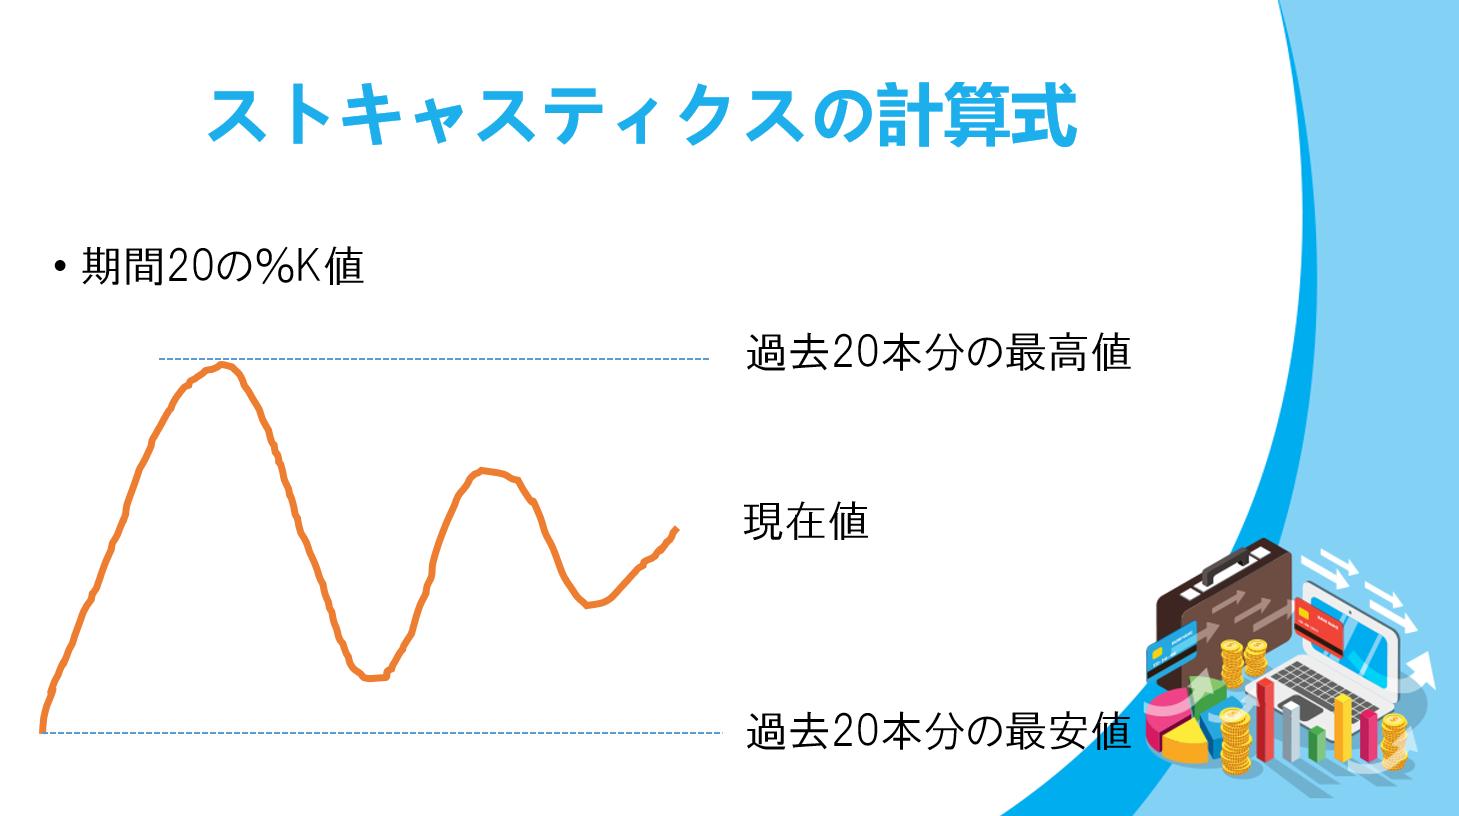 ストキャスティクスグラフ